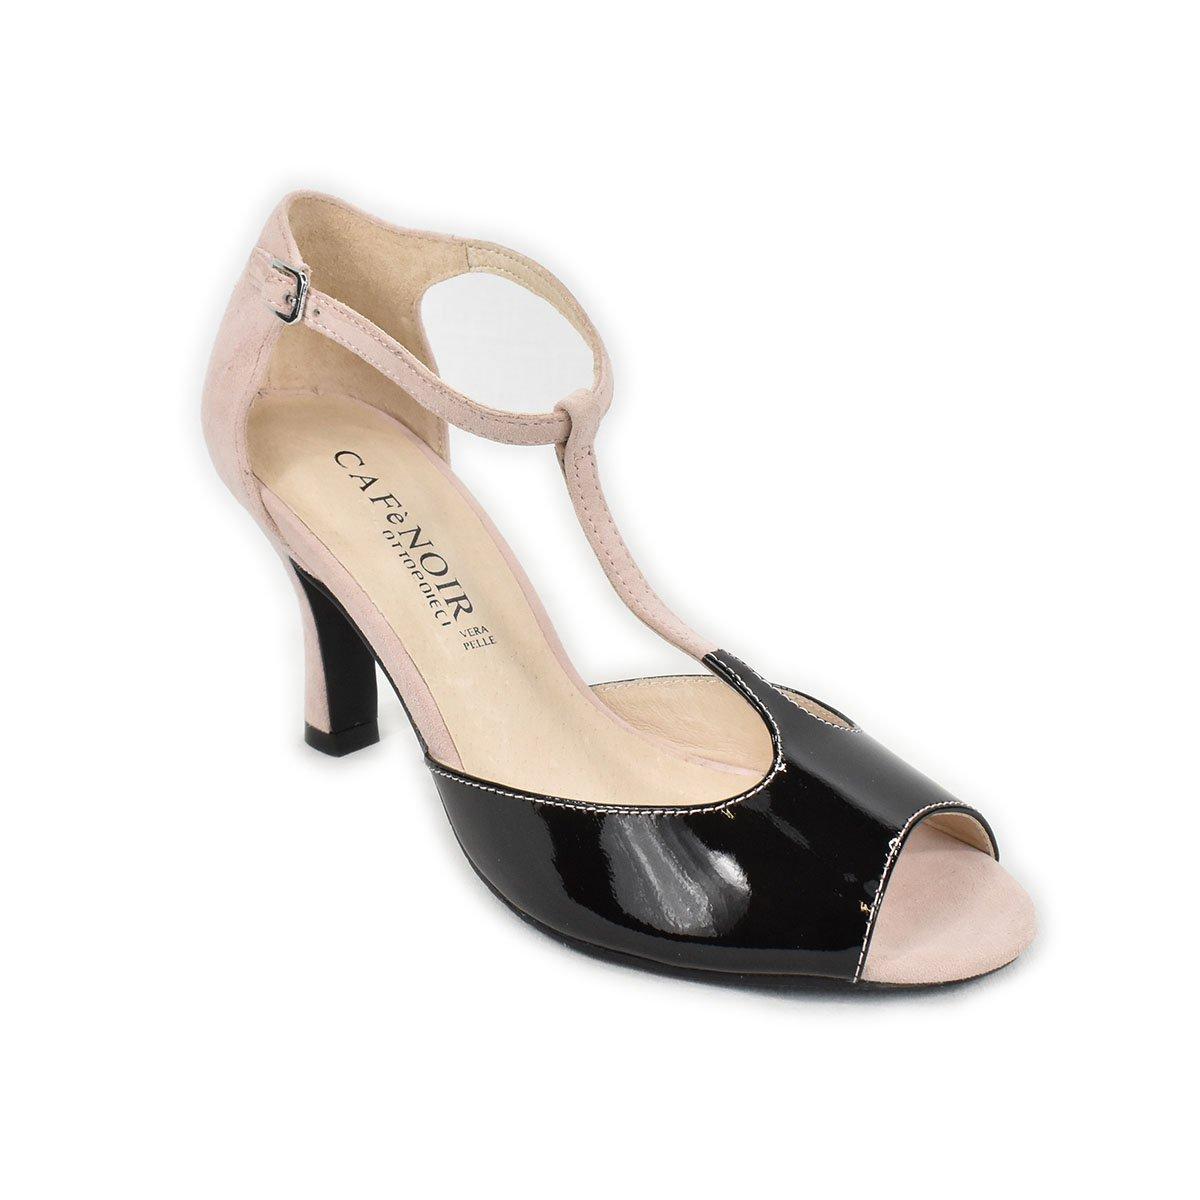 Sandali rosa e nero in pelle e scamosciato - CafèNoir UME301